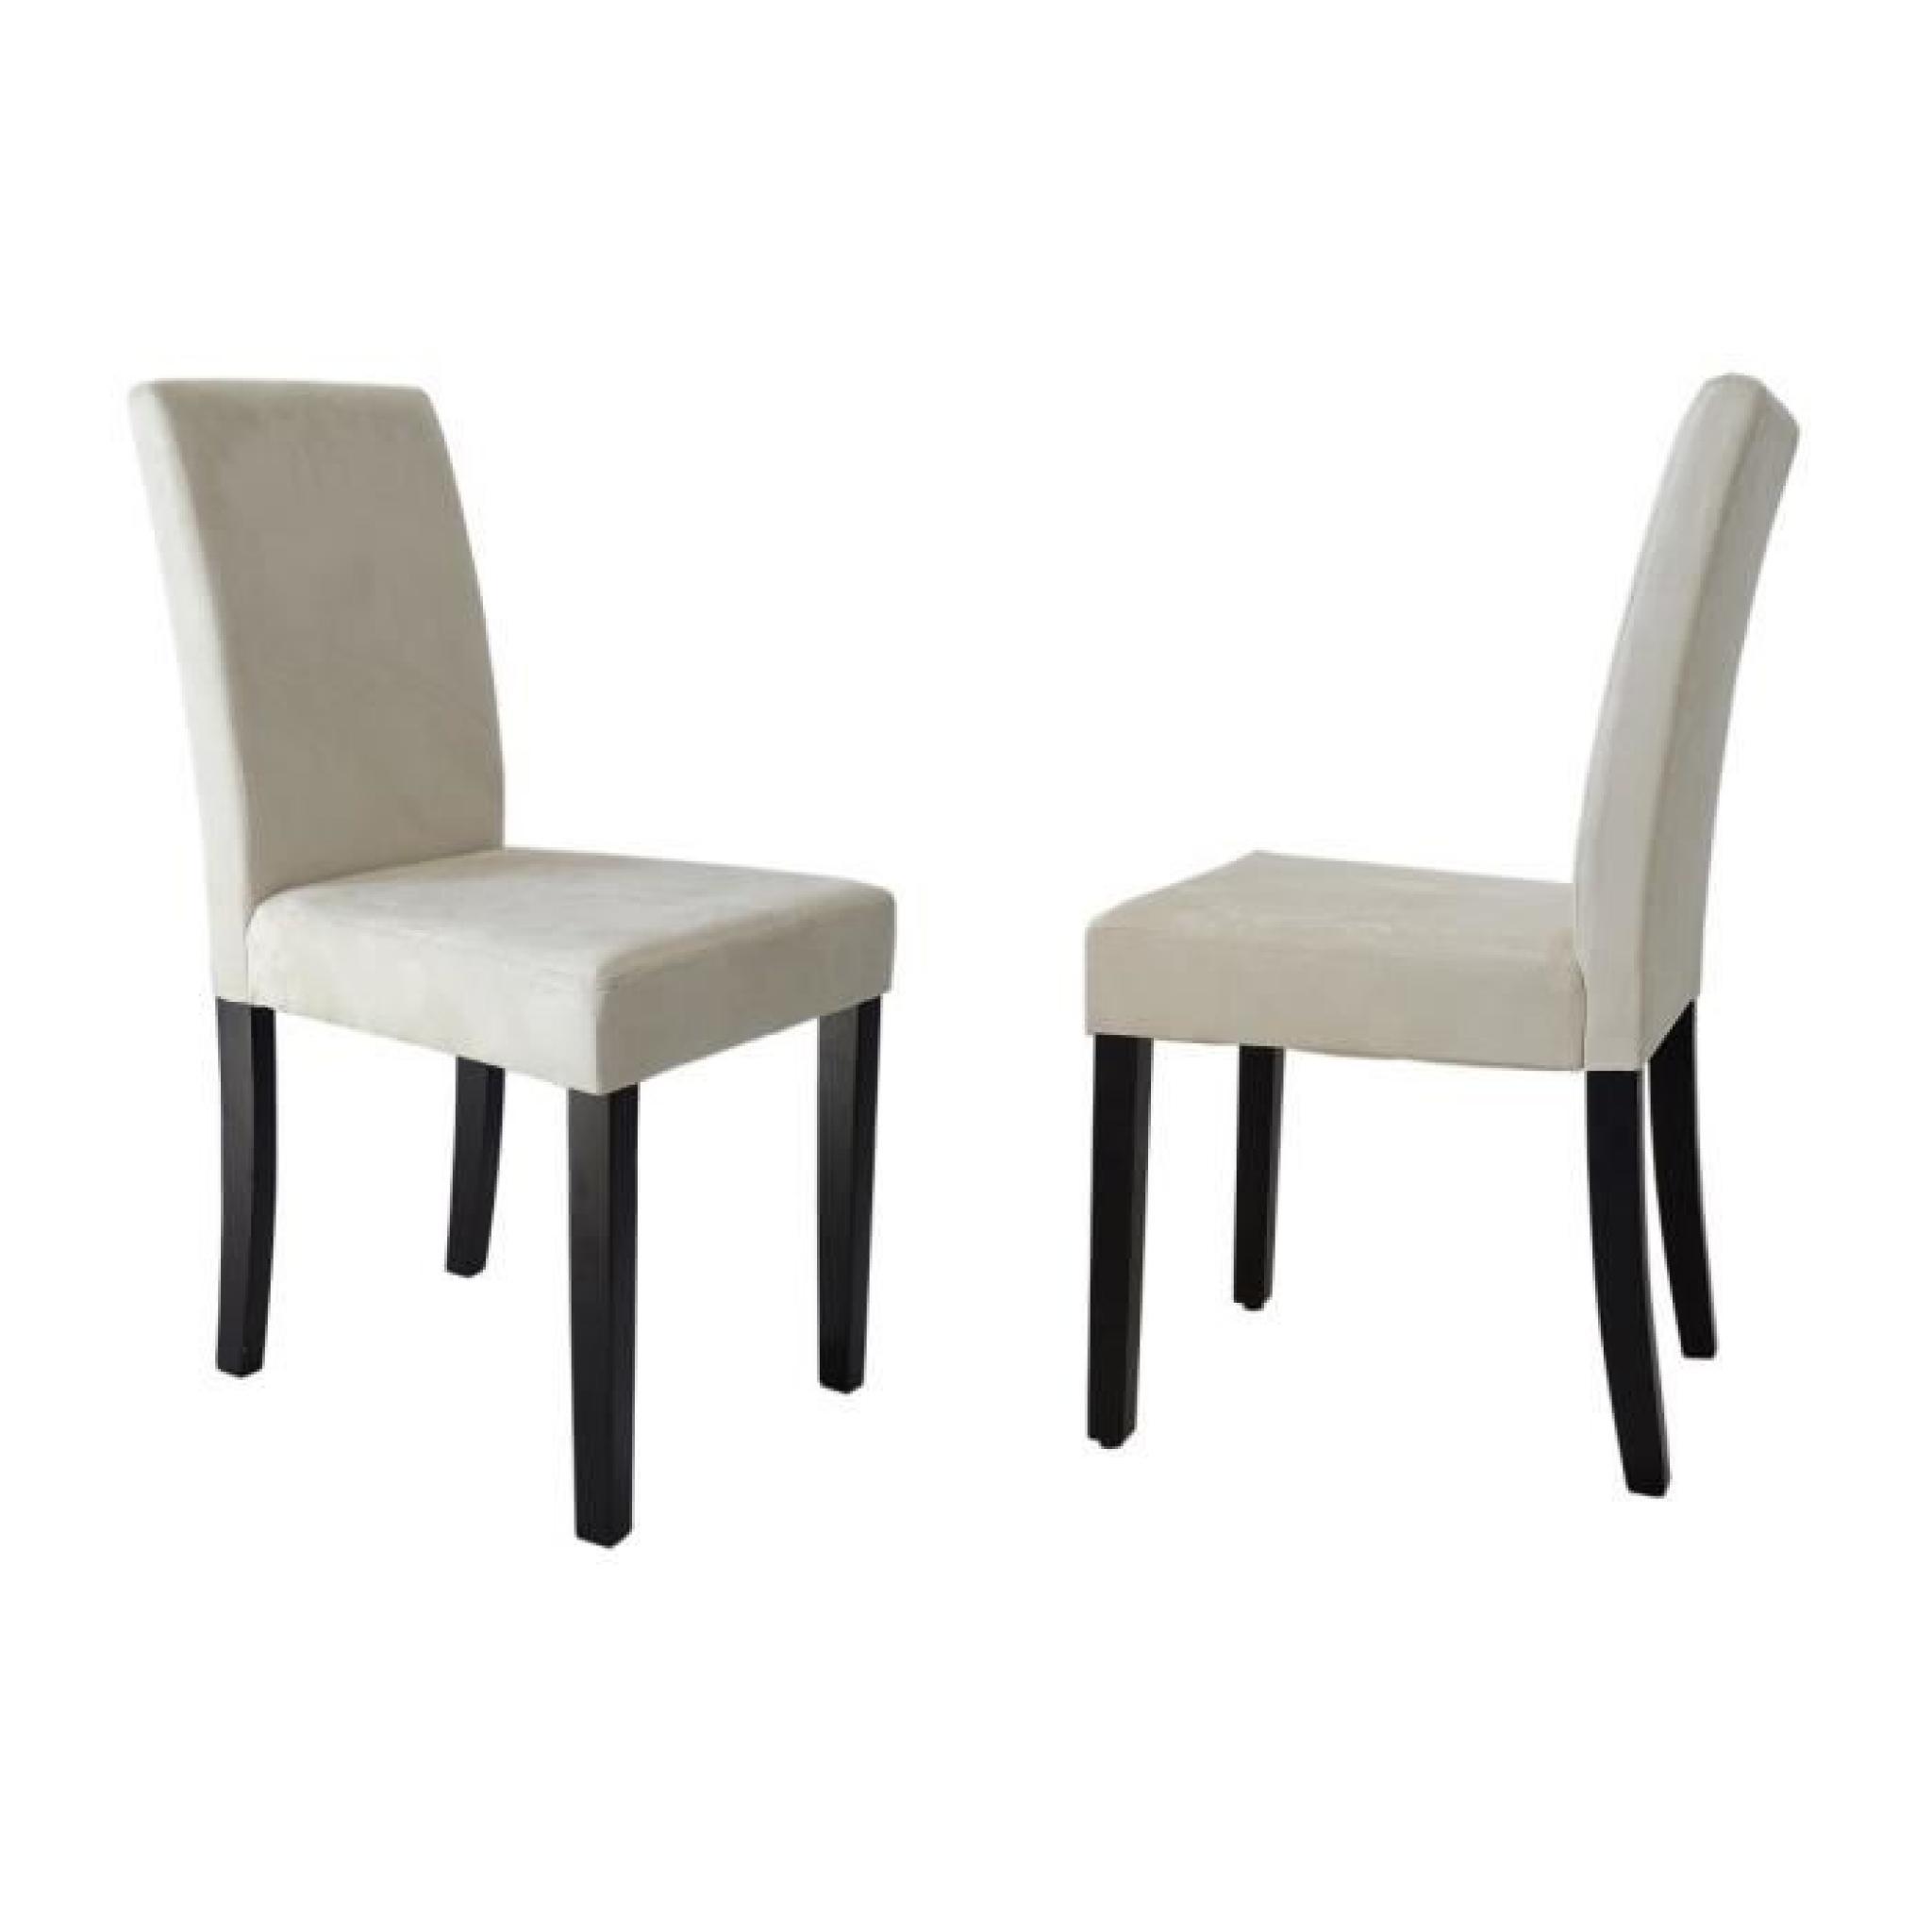 clara lot de 2 chaises de salle manger en tissu couleur